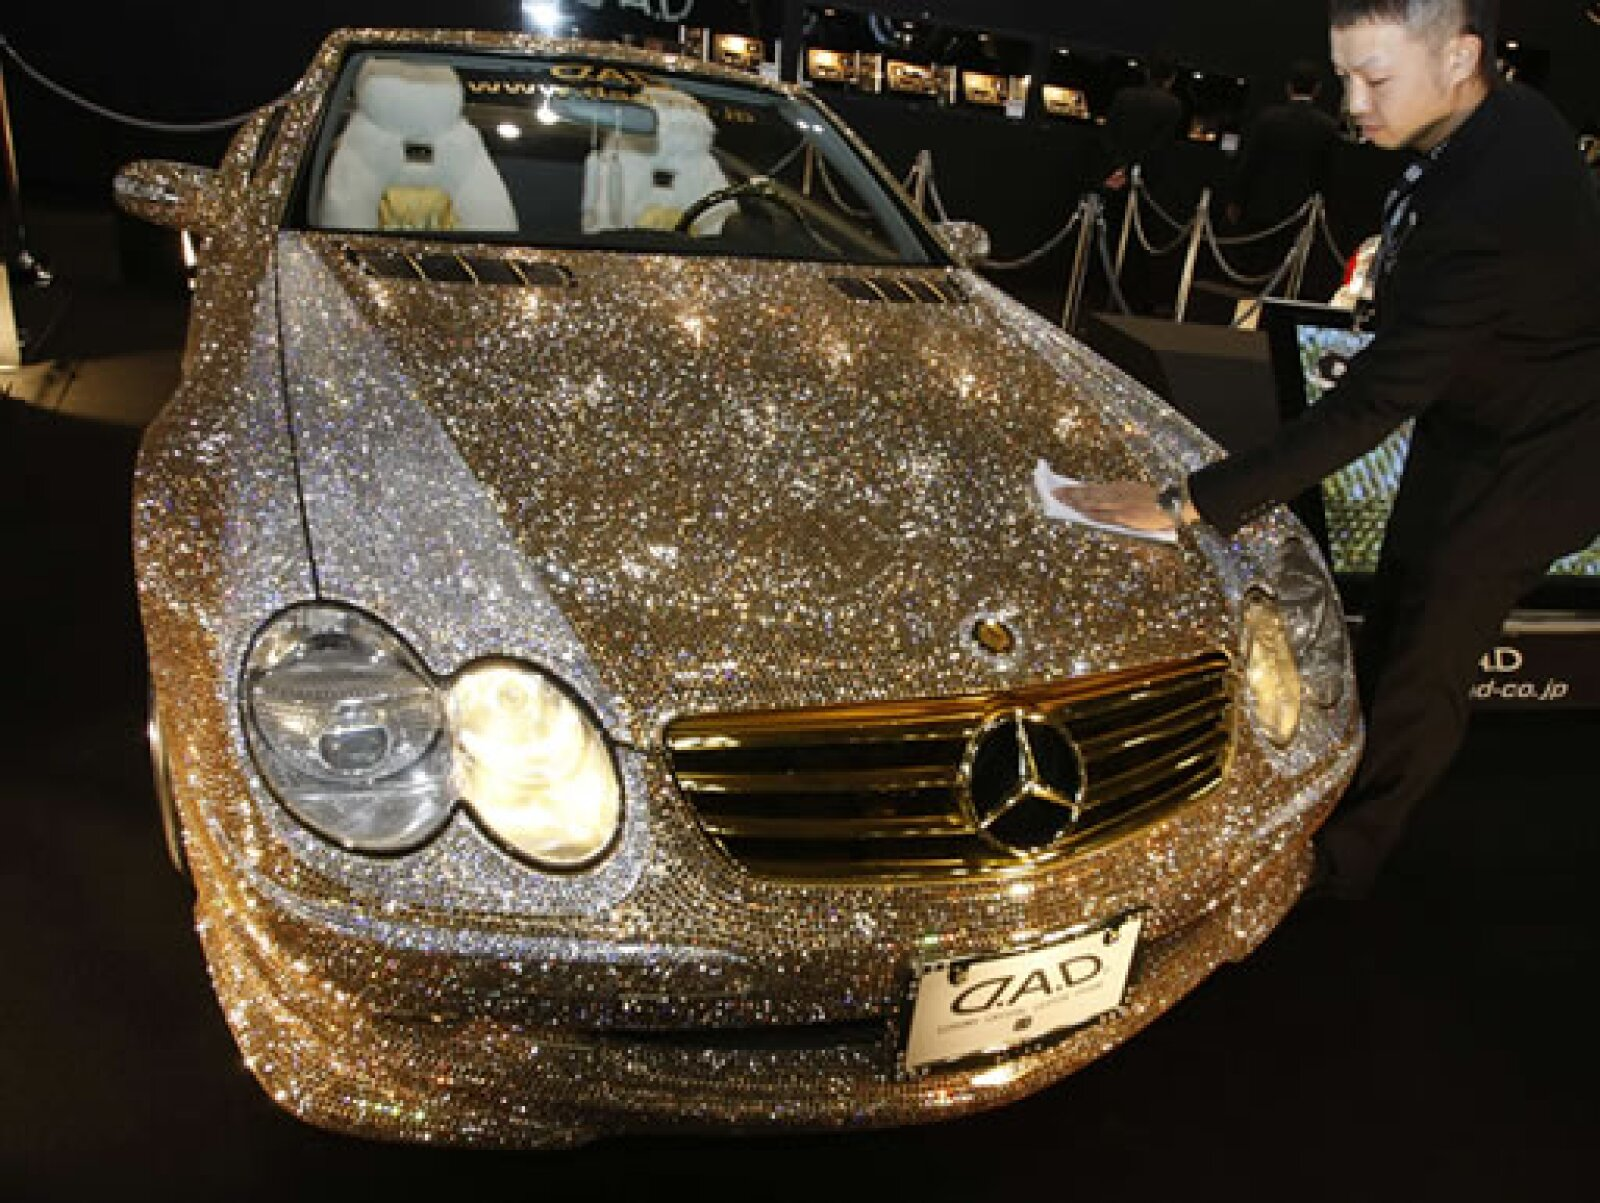 El Mercedes-Benz SL60, Luxury Crystal Benz, está forrado con 300,000 cristales Swarovski.